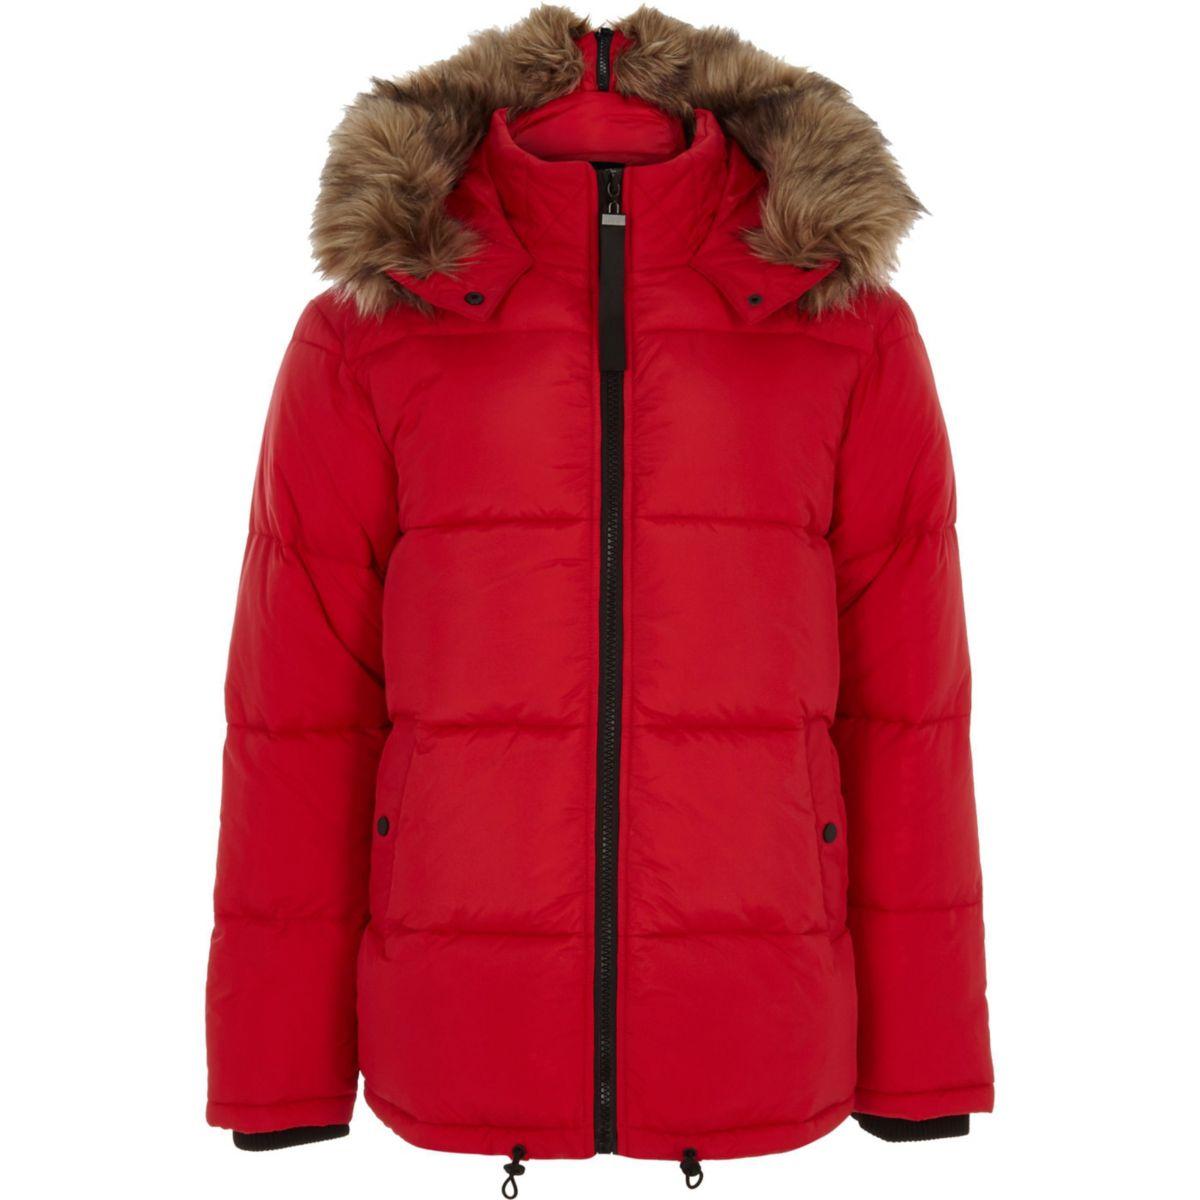 Big and Tall – Doudoune rouge à capuche bordée de fausse fourrure